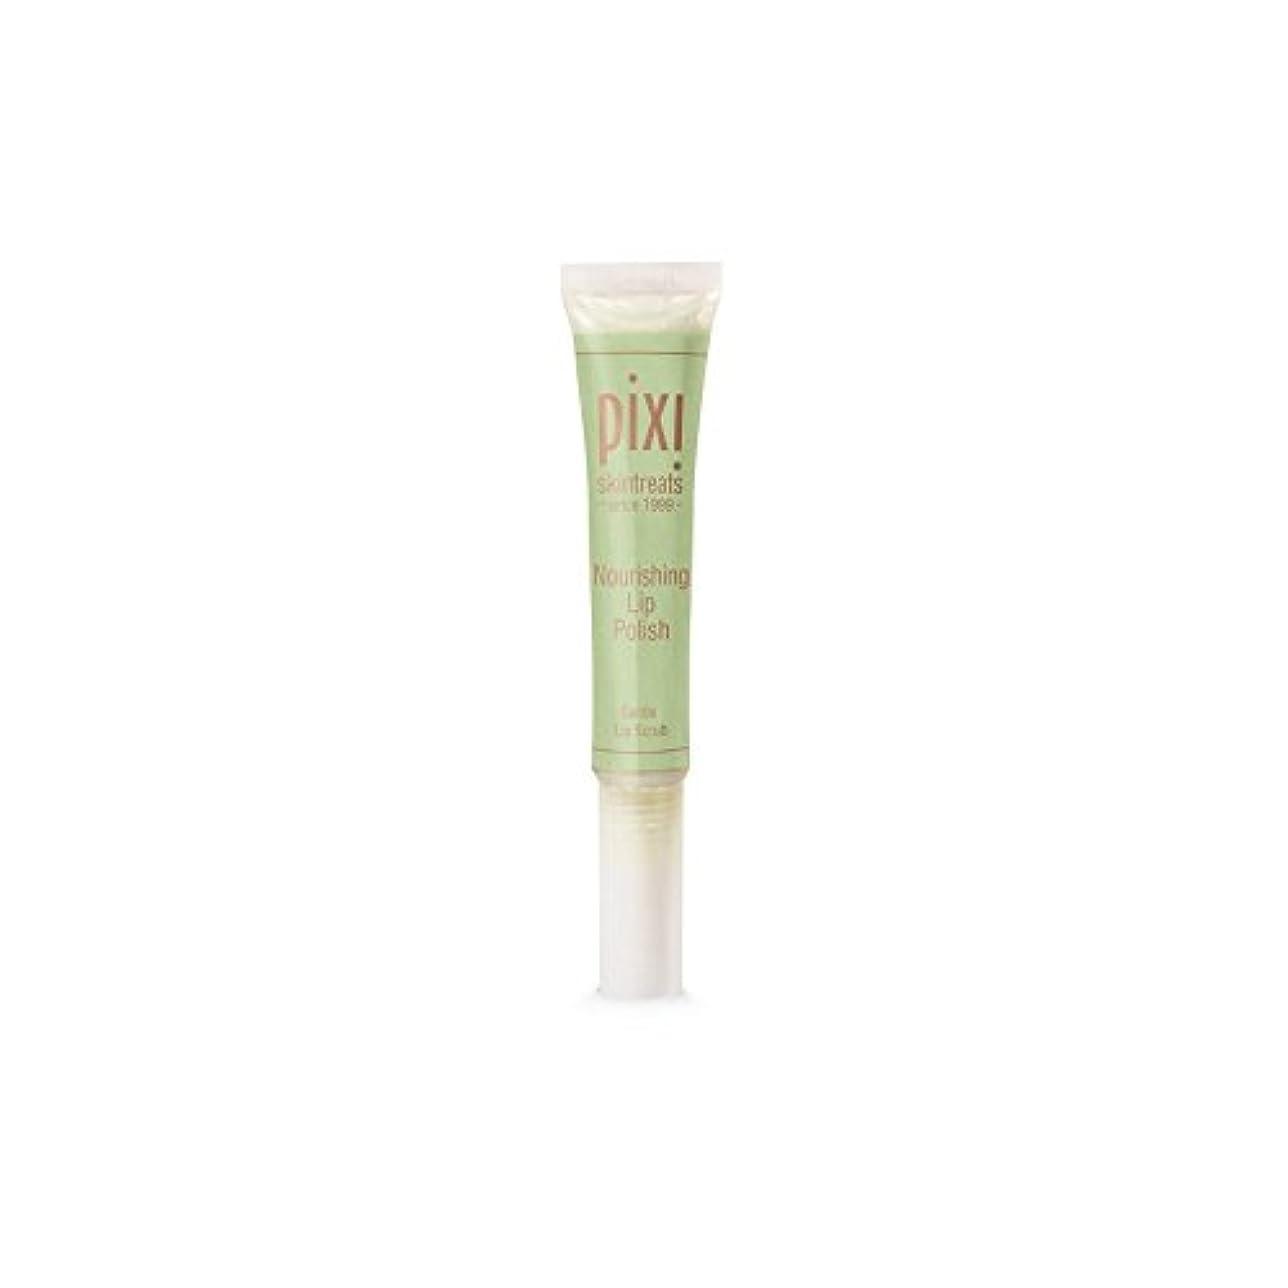 巡礼者侵入する組み合わせる栄養リップポリッシュ x2 - Pixi Nourishing Lip Polish (Pack of 2) [並行輸入品]